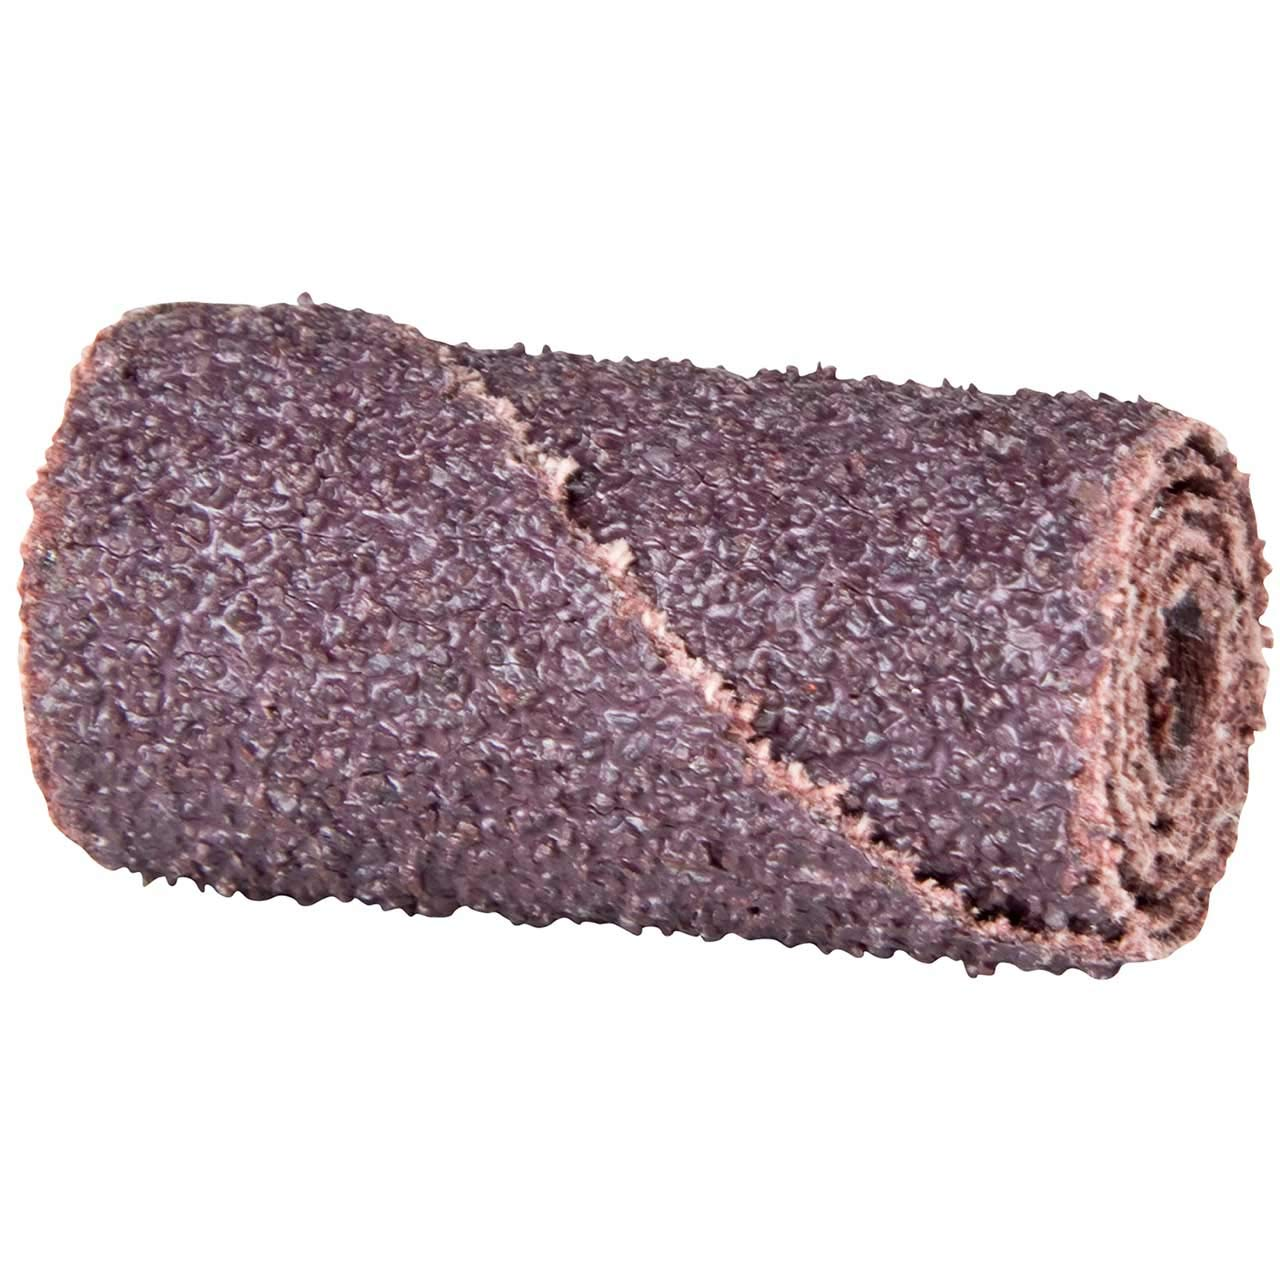 Merit Abrasive Cartridge Roll Grit 60 Roll 1 Diameter x 1-1//2 Length Aluminum Oxide Pack of 100 1//4 Arbor